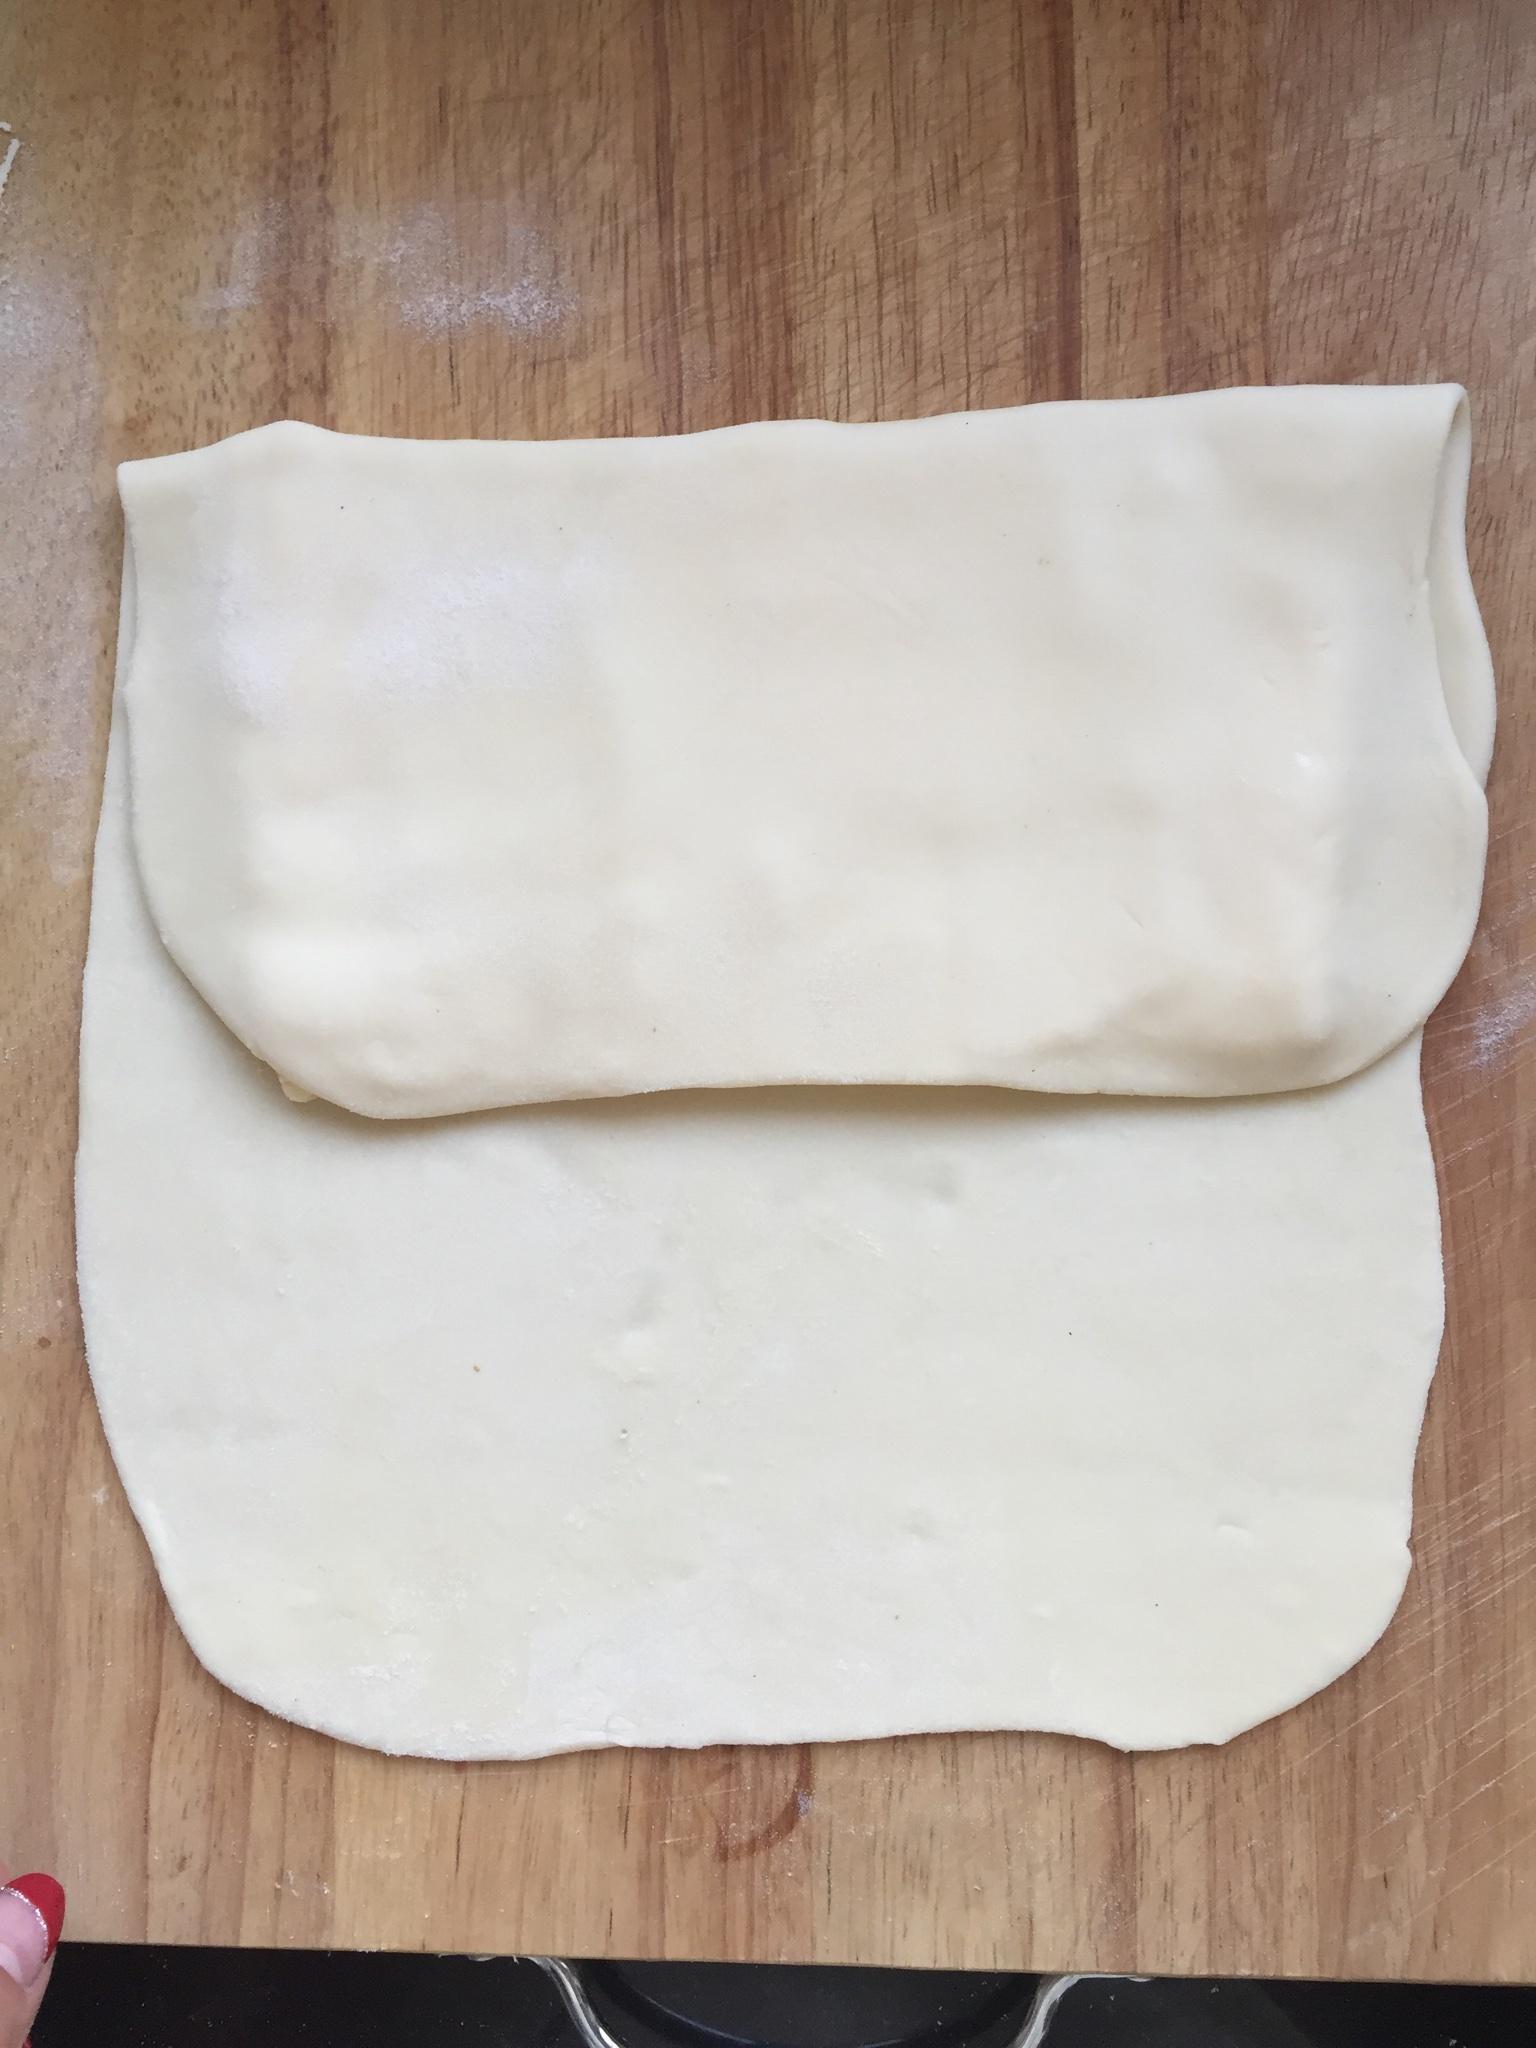 自制千层蛋挞皮的做法和步骤第5张图